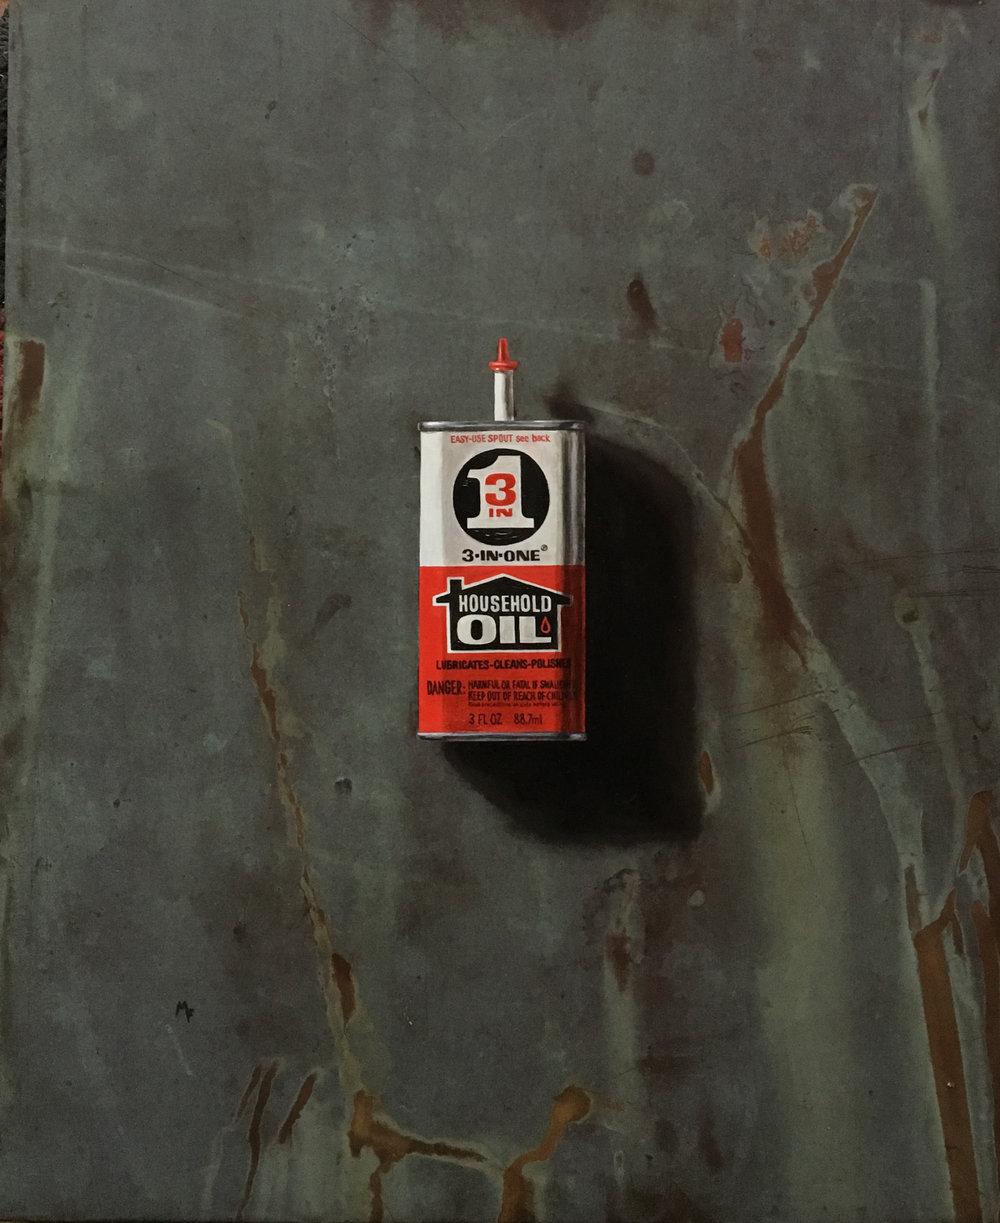 3-in-1 Oil